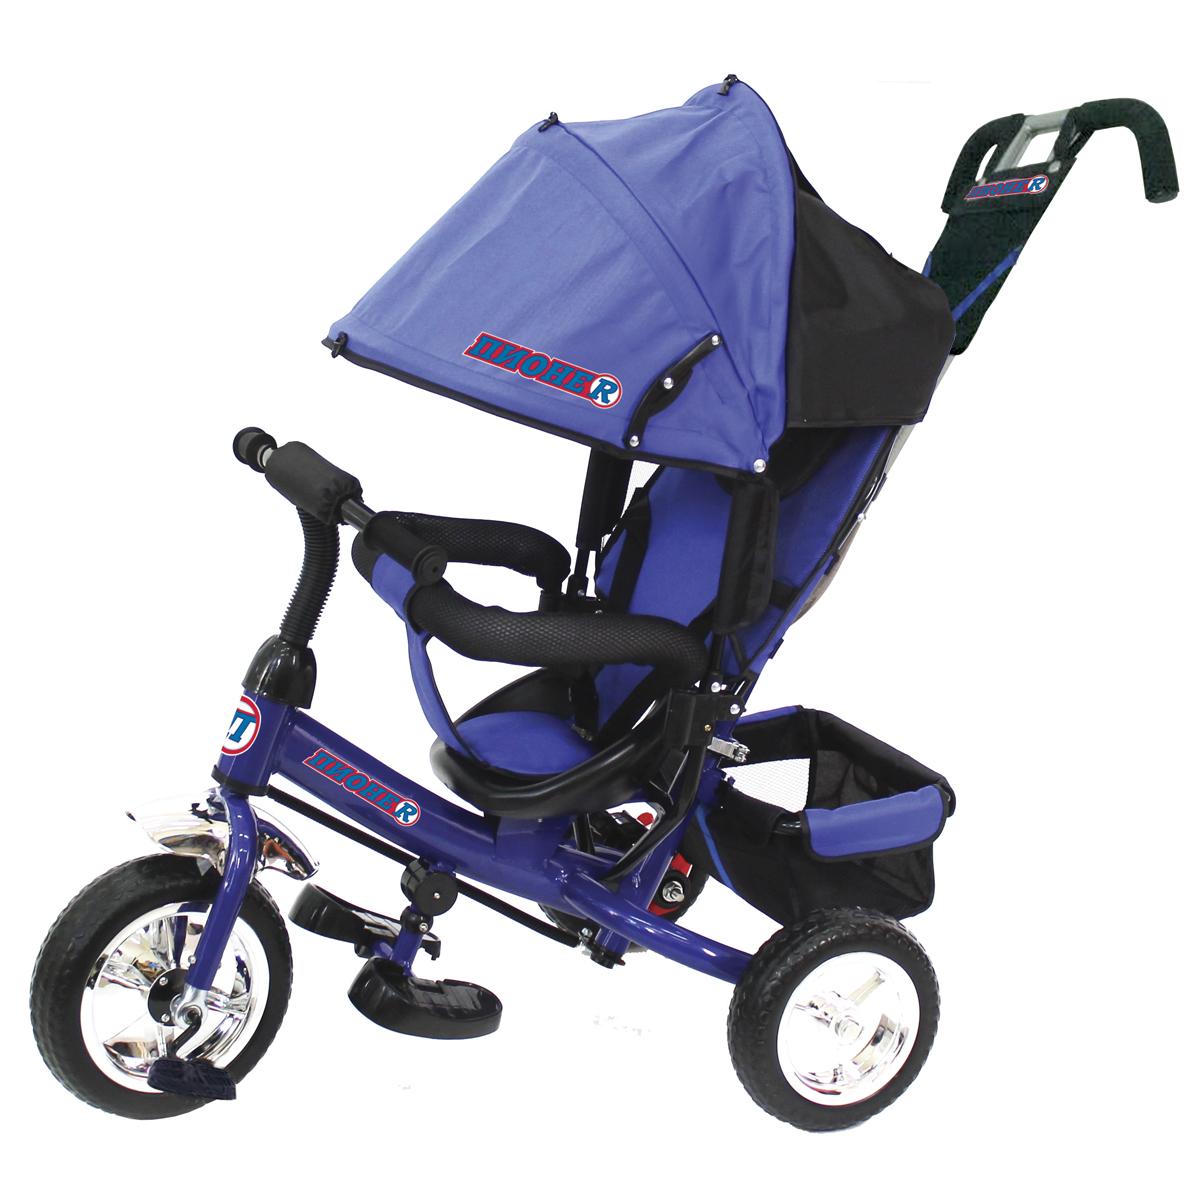 ПИОНЕR Велосипед трехколесный цвет синий P4B - Велосипеды-каталки